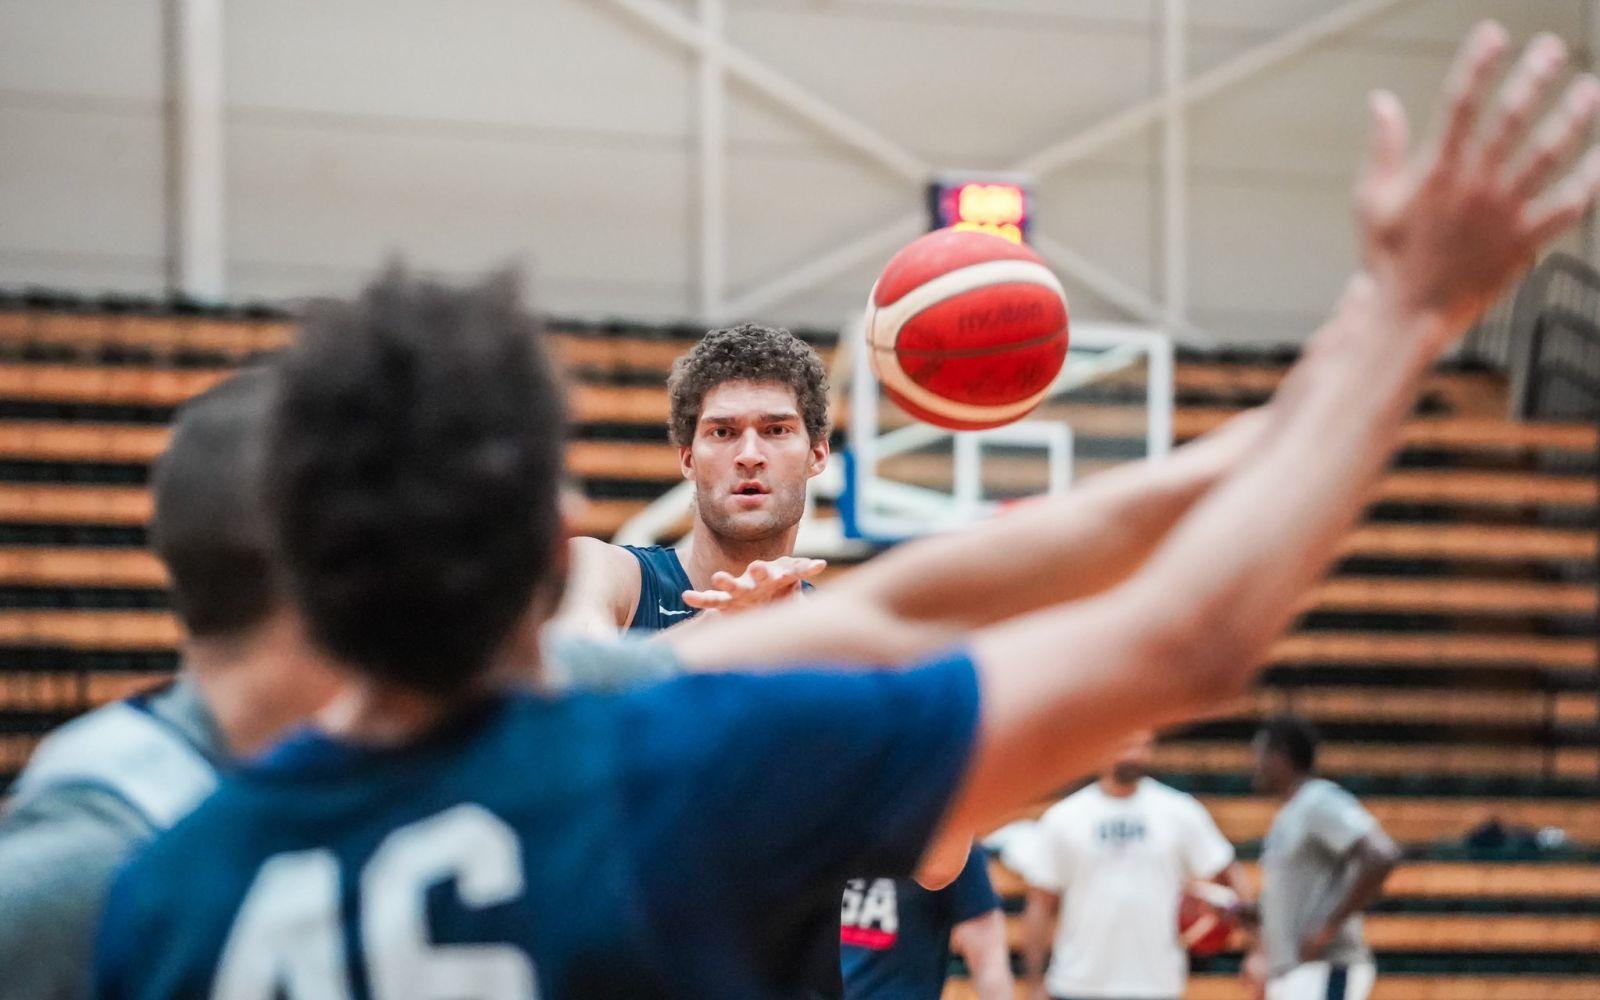 美国男篮官方发布训练图集:在澳大利亚第二天的训练结束